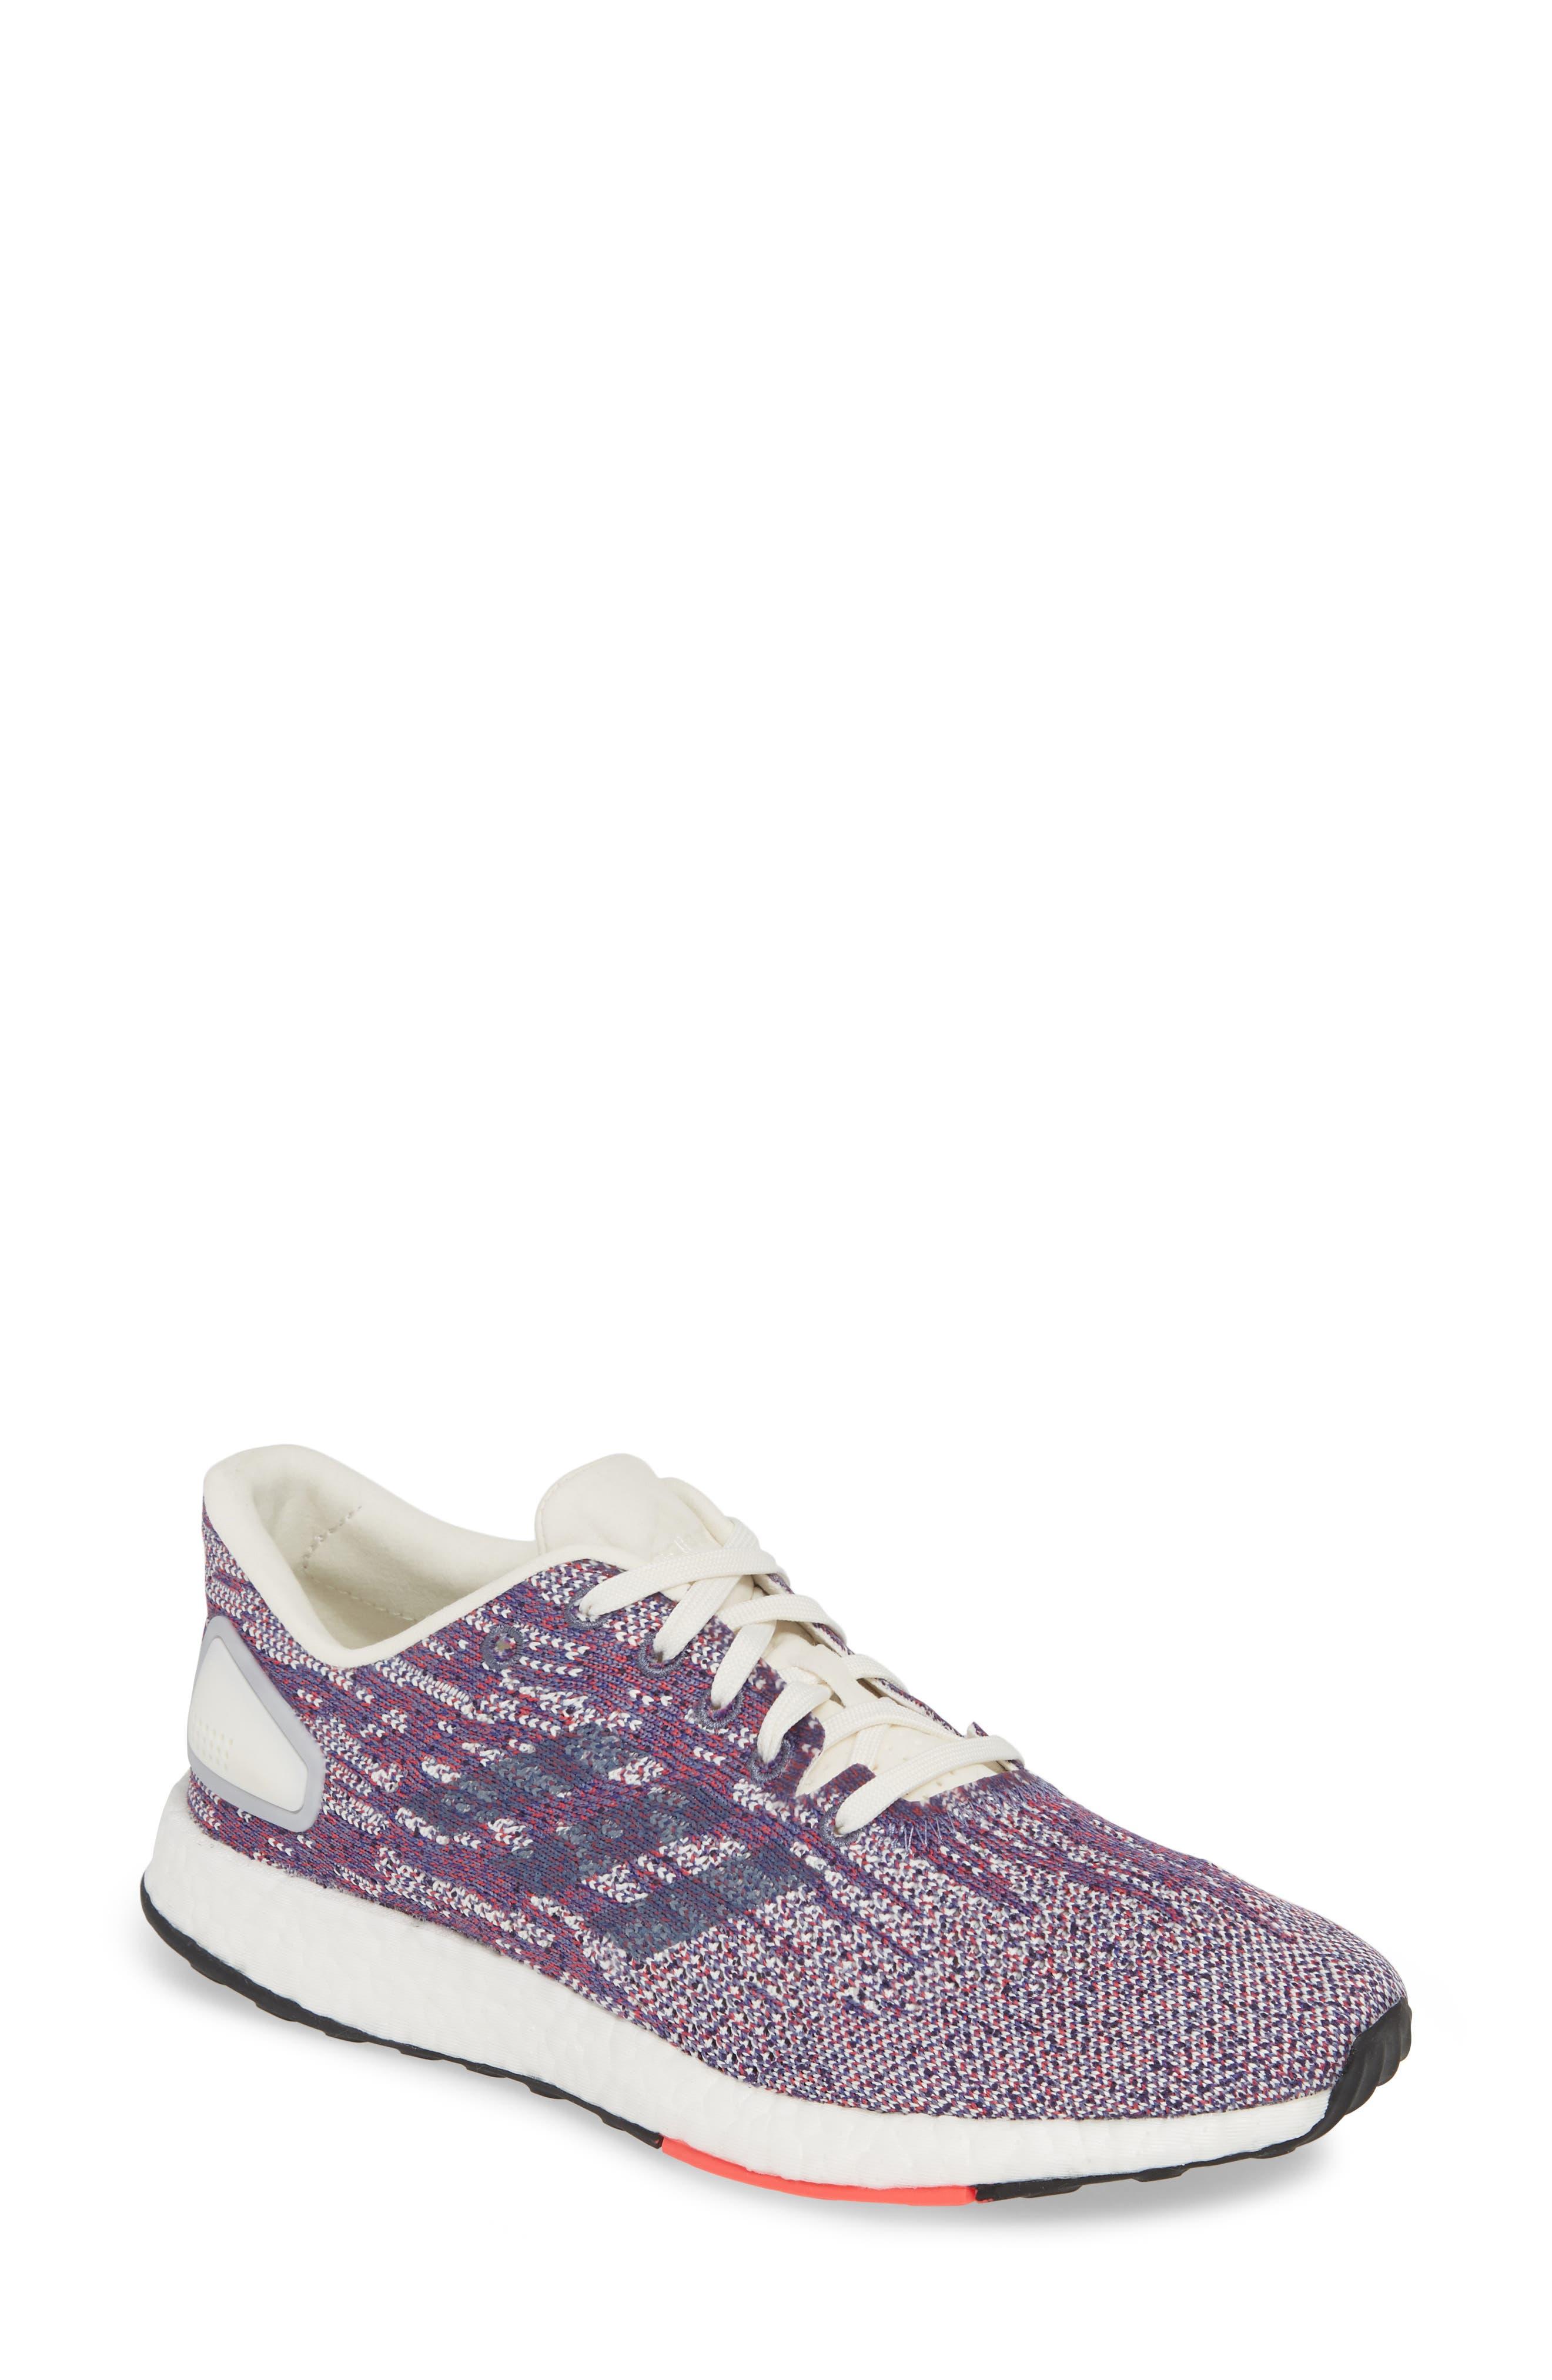 1caf5af80 adidas Shoes